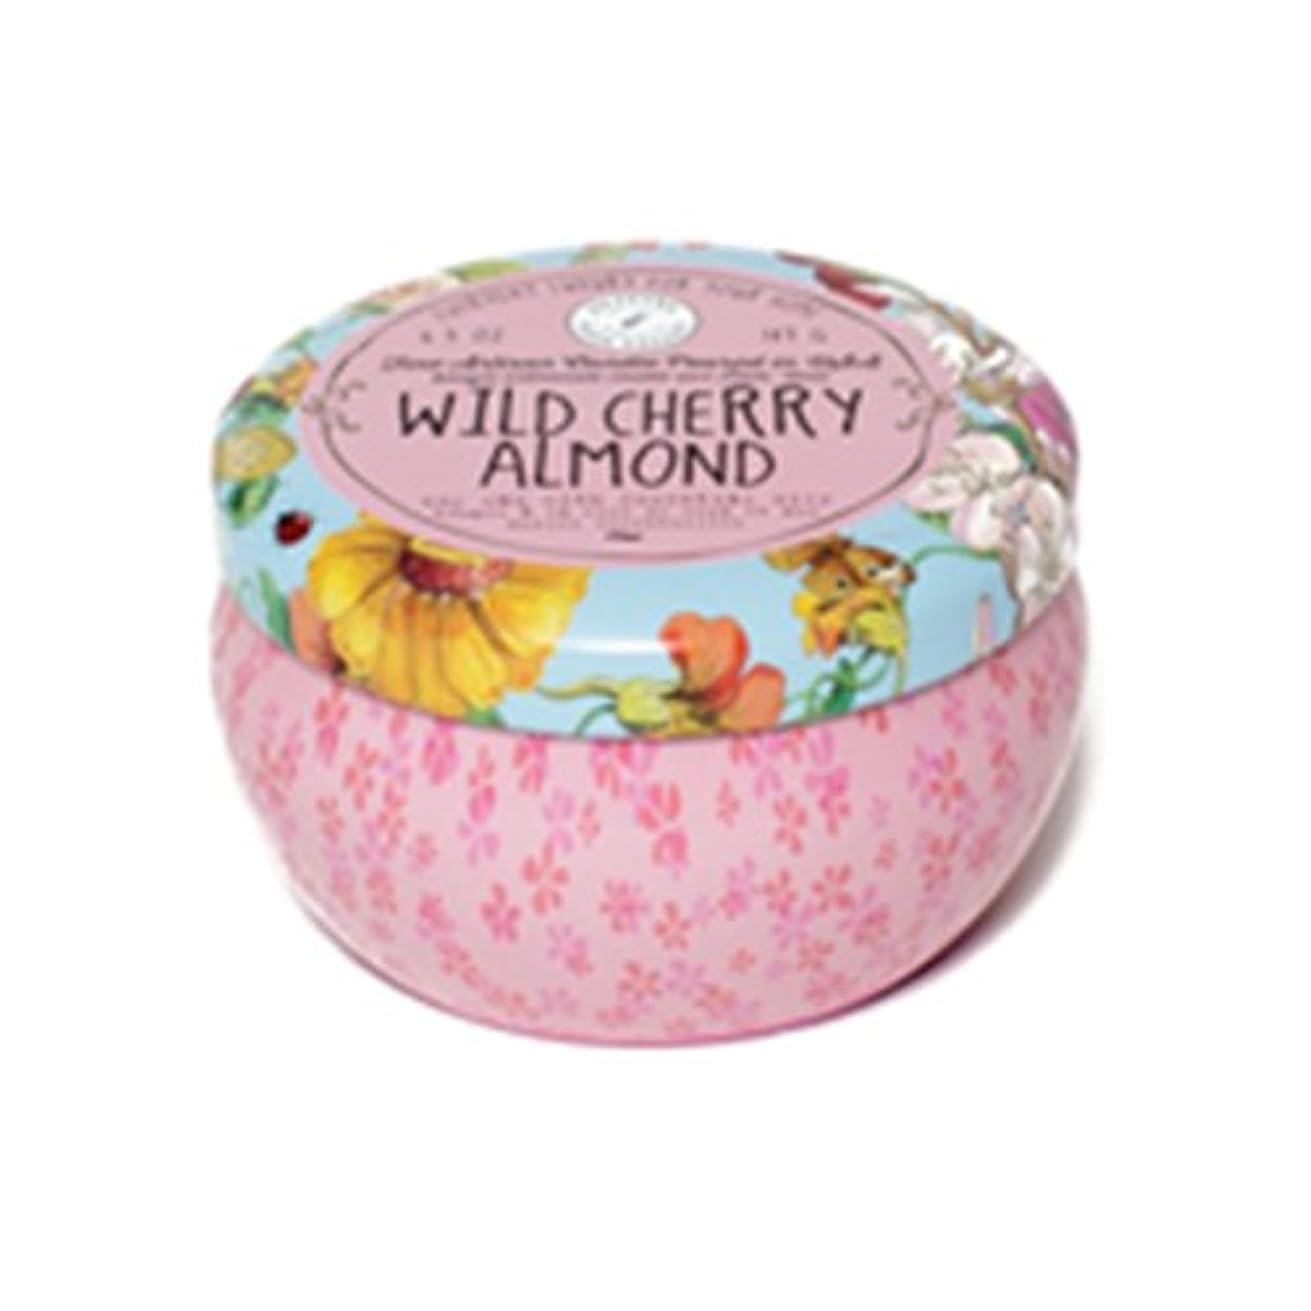 文芸単調な高原Napa Valley Apothecary wild cherry almond ワイルドチェリーアーモンド 缶キャンドル tin candle ナパバレーアポセカリー Olivina オリビーナ